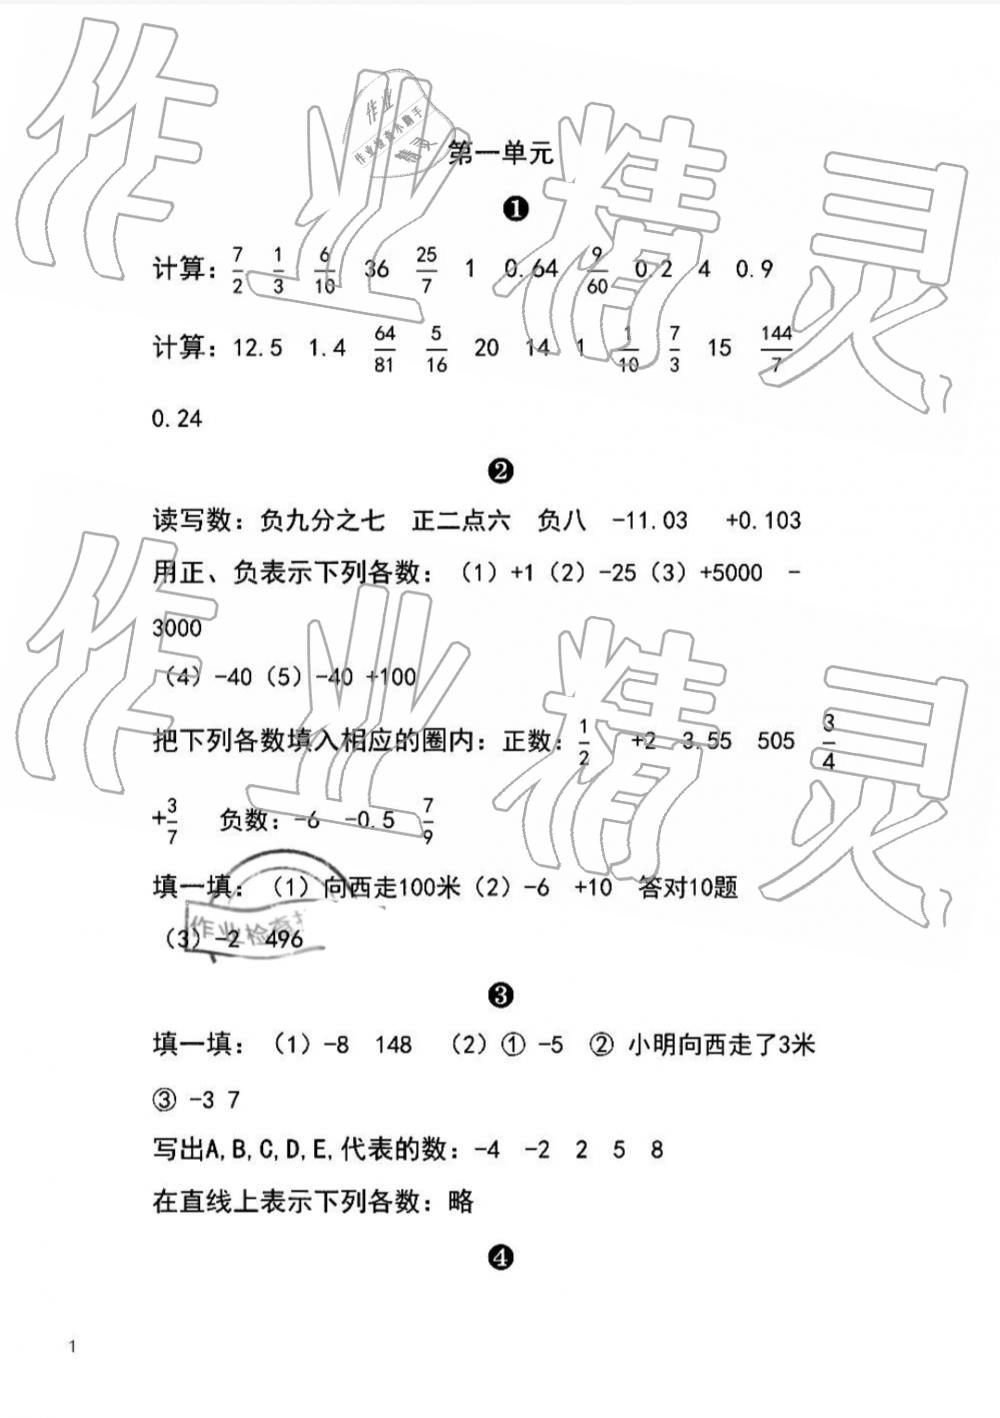 2019年小学数学口算基础训练六年级下册第1页